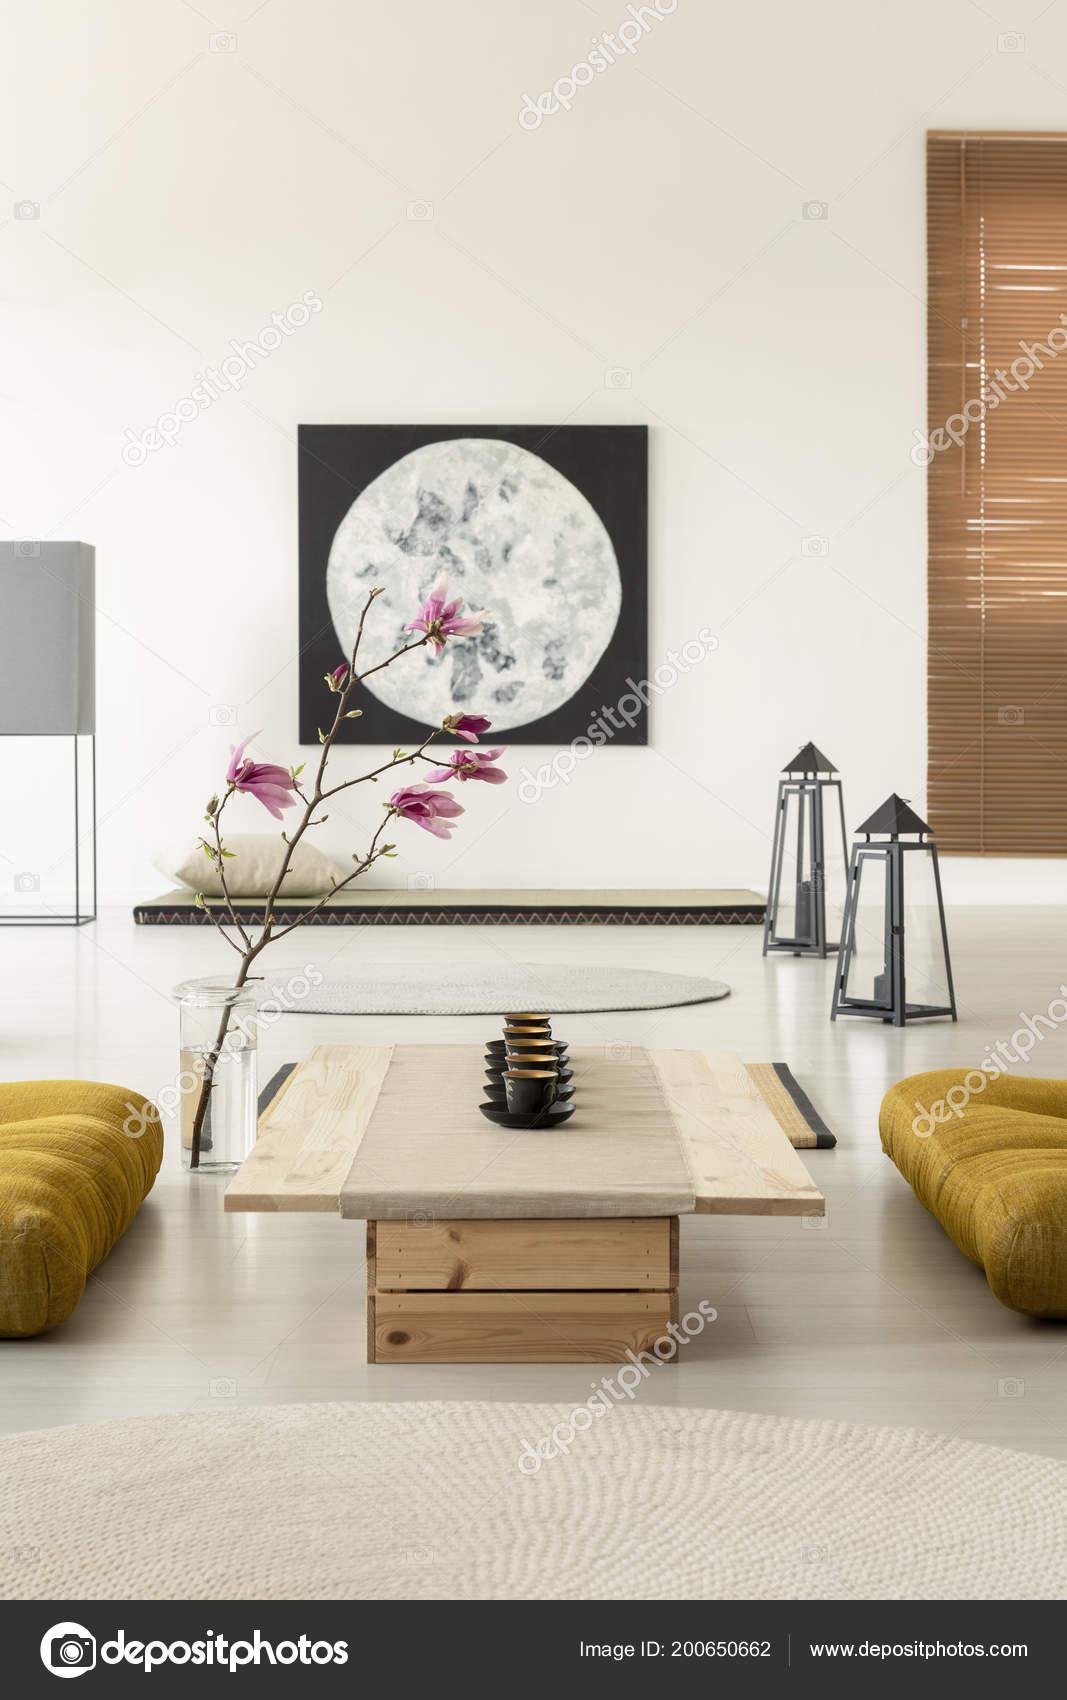 echte foto van een heldere oosters interieur met een rij stockfoto